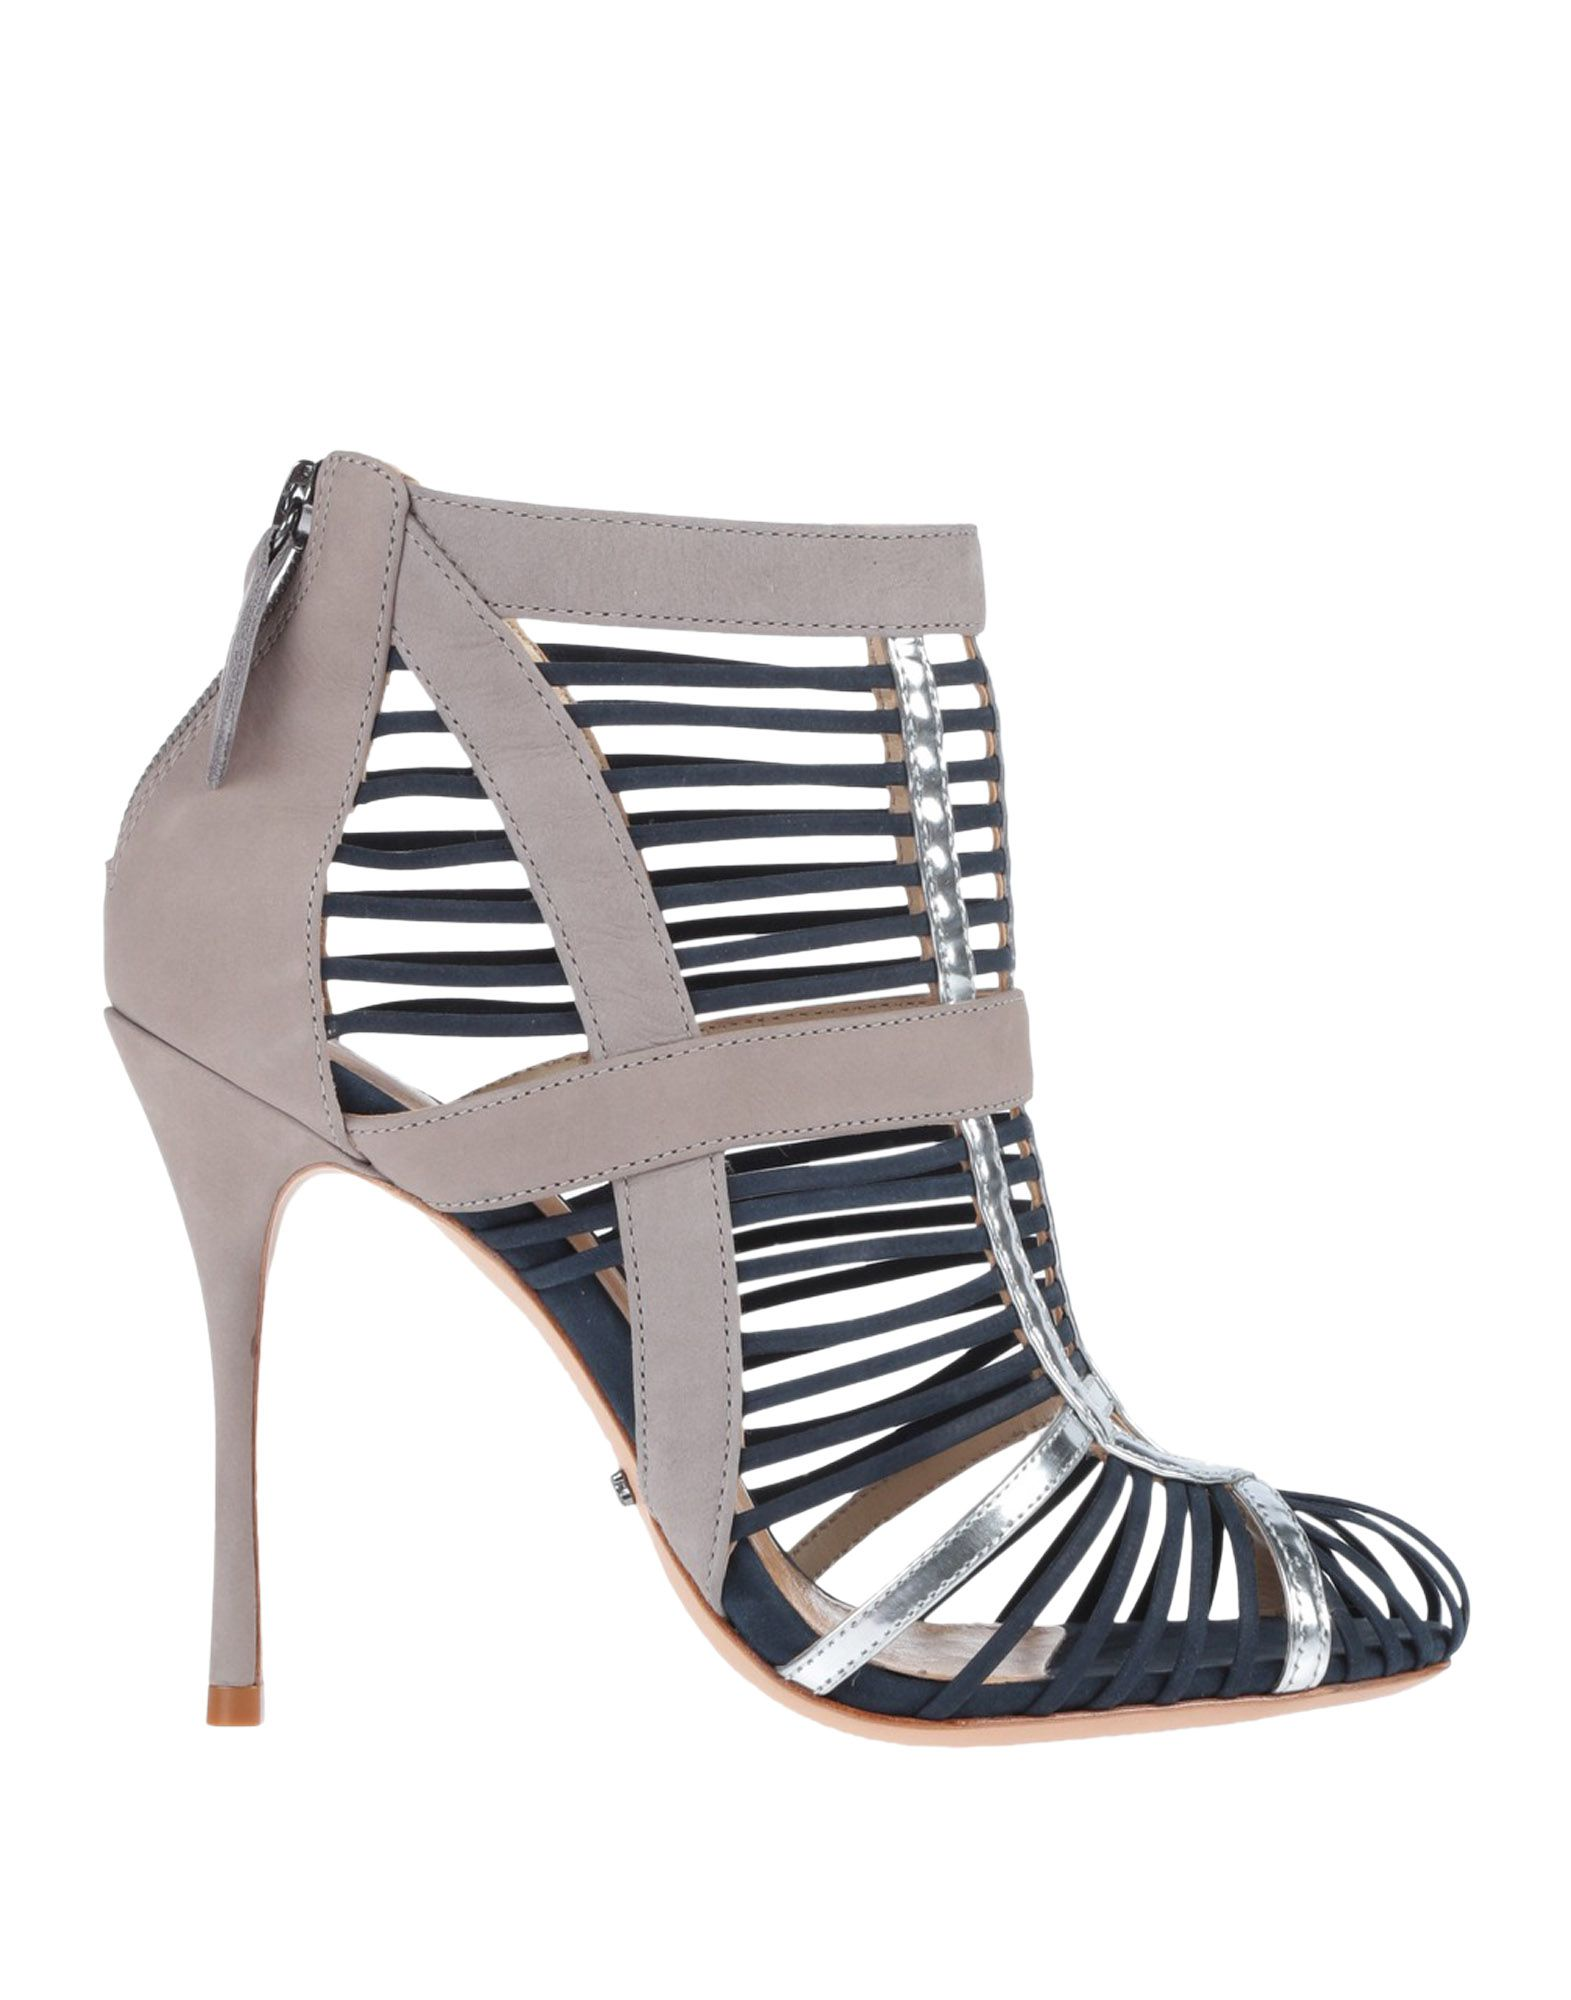 Schutz Ankle Boot - Women Schutz Ankle Australia Boots online on  Australia Ankle - 11287113DR d0f2e2